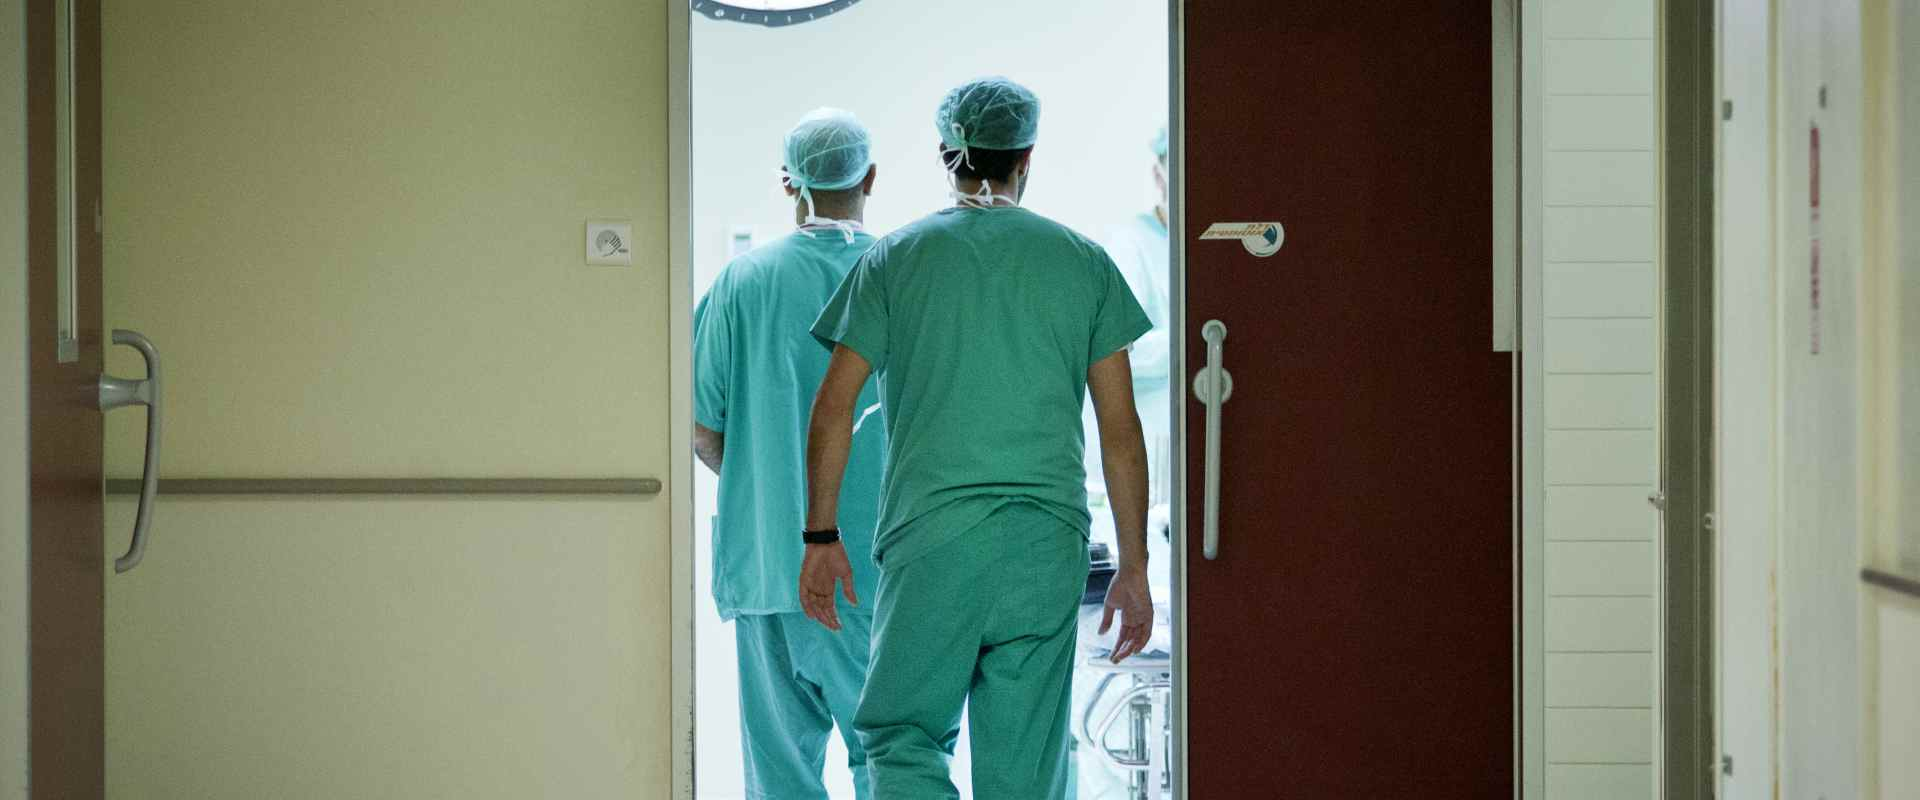 רופאים